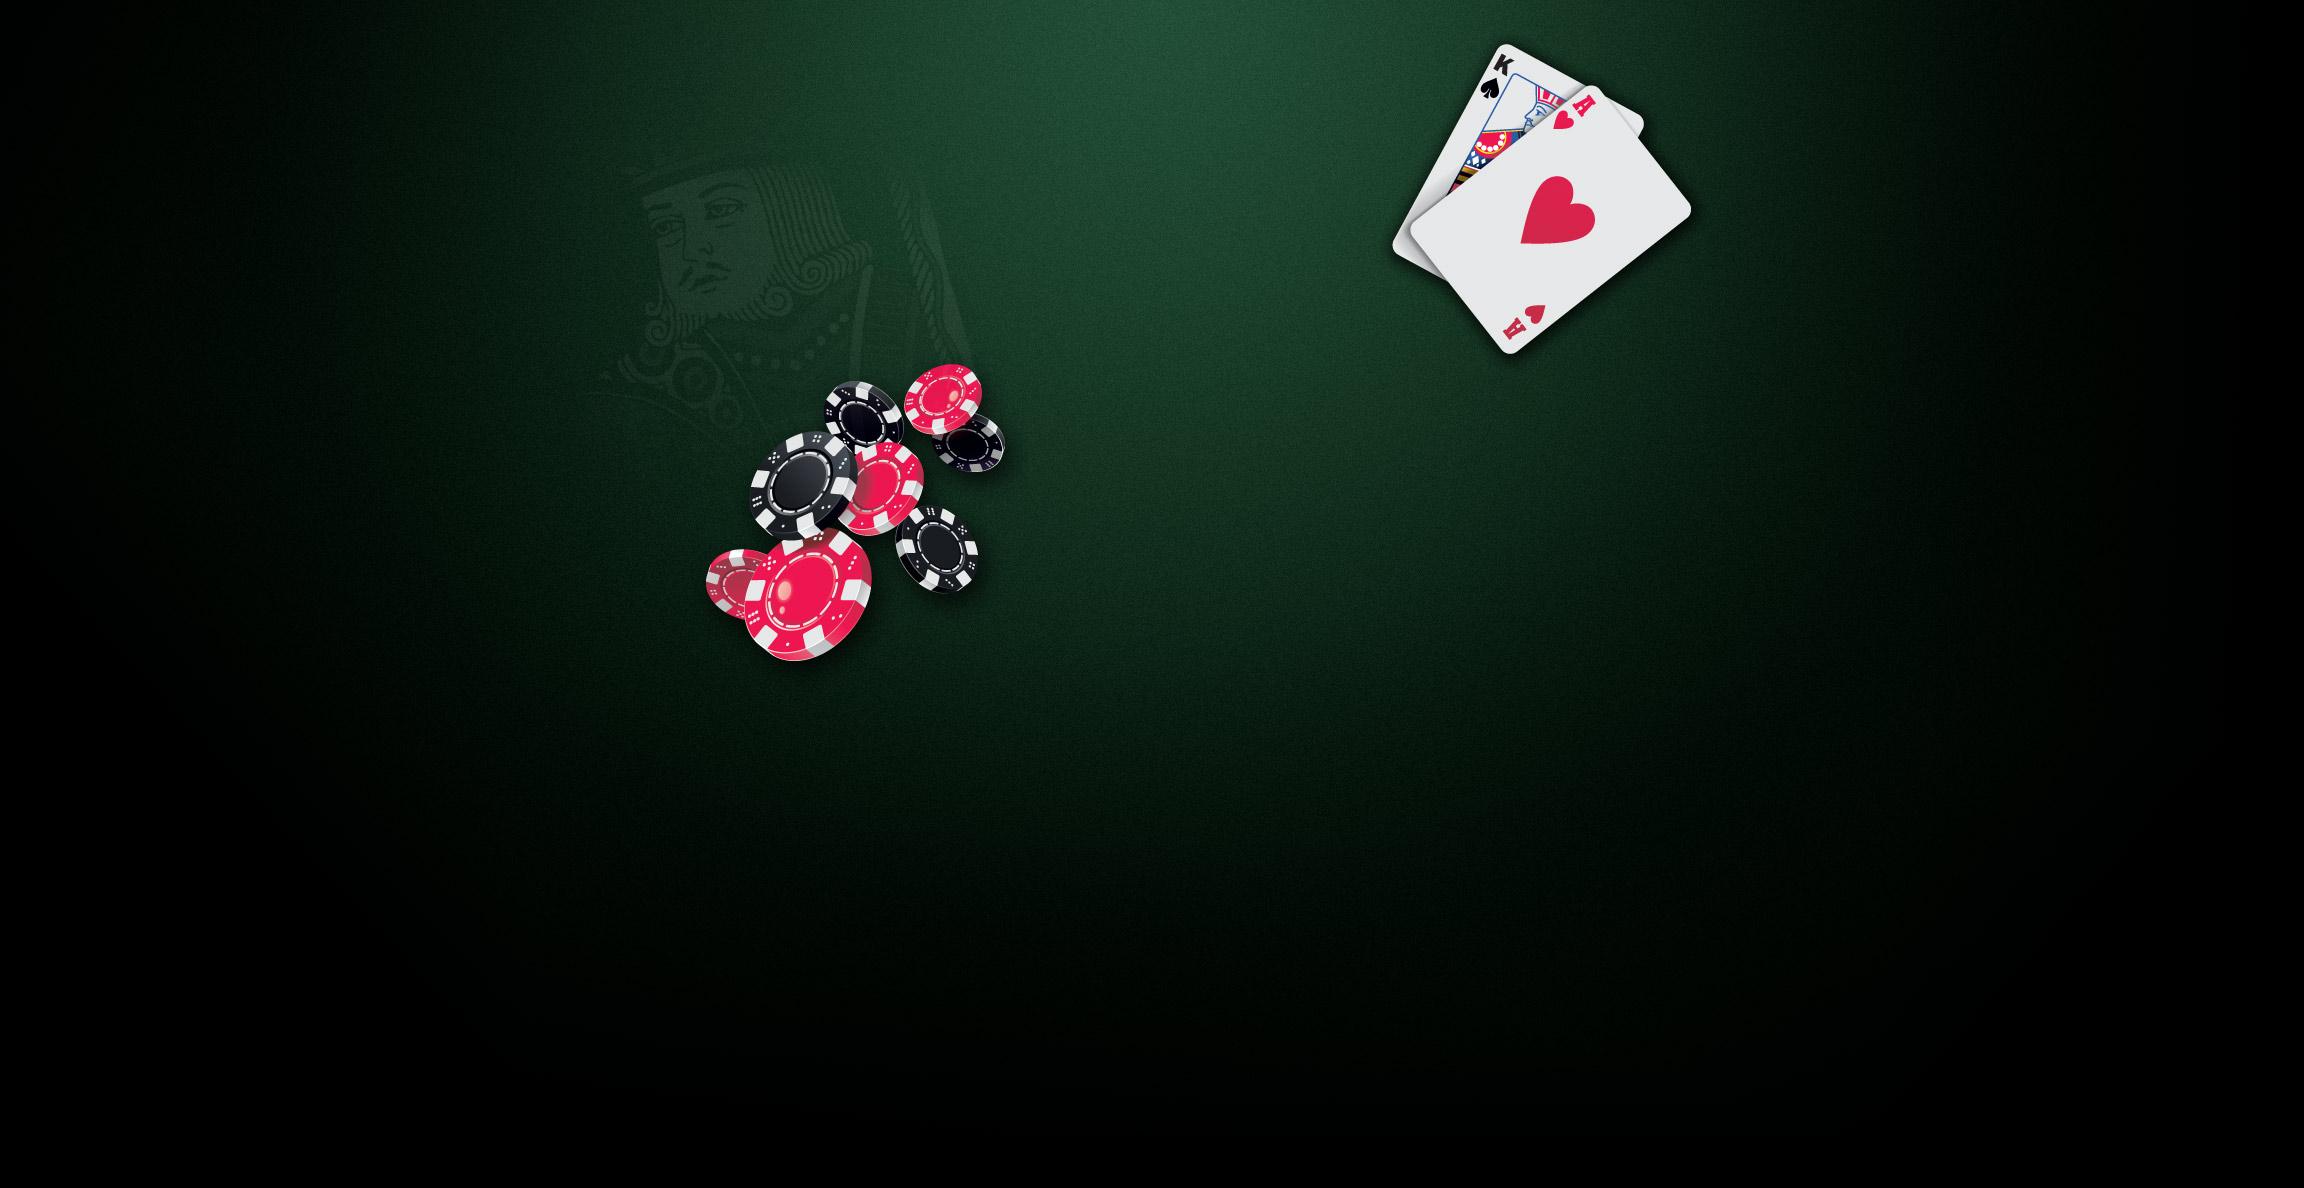 Blackjack en ligne : compter les cartes sans danger